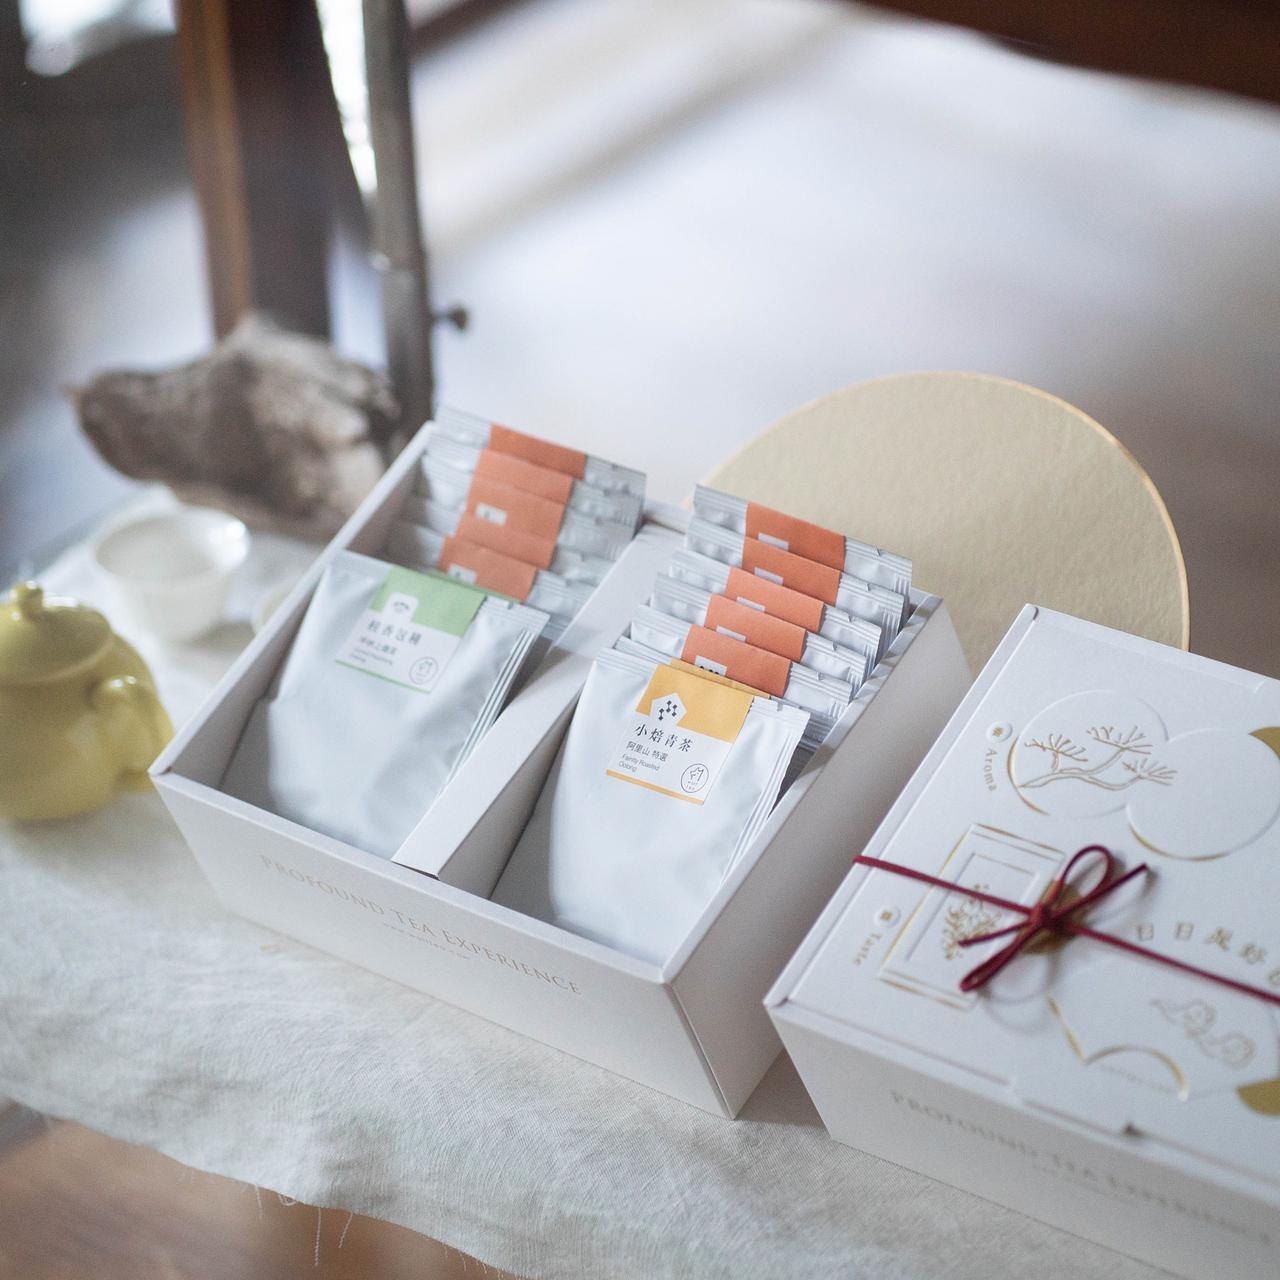 画像: Wolf Tea | 台湾 | 台湾茶ティーバッグセット(3,320 円〜) 産地や季節ごとの美味しさを大切に、製茶職人が丁寧に作り上げている台湾茶。 様々な台湾茶を試すことができるセットは、台湾茶をはじめてみたい方にもぴったり。 洗練されたパッケージでギフトとしても人気。 jp.pinkoi.com